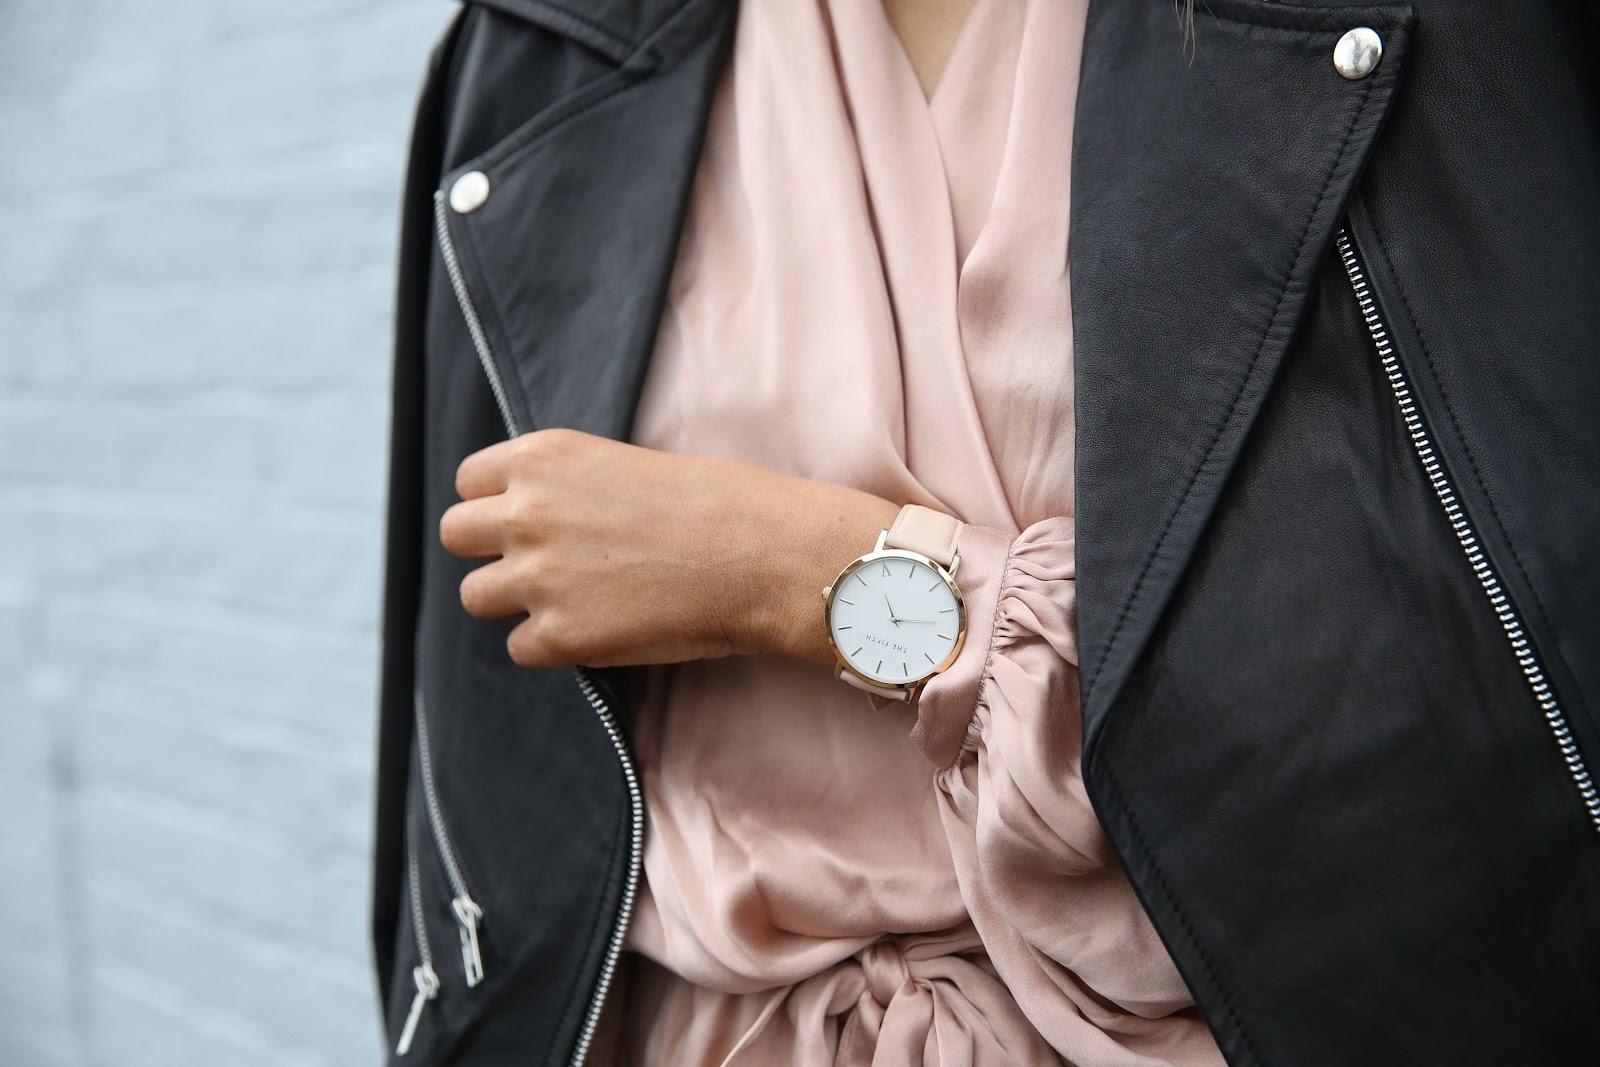 donna-giacca-nera-abito-rosa-orologio